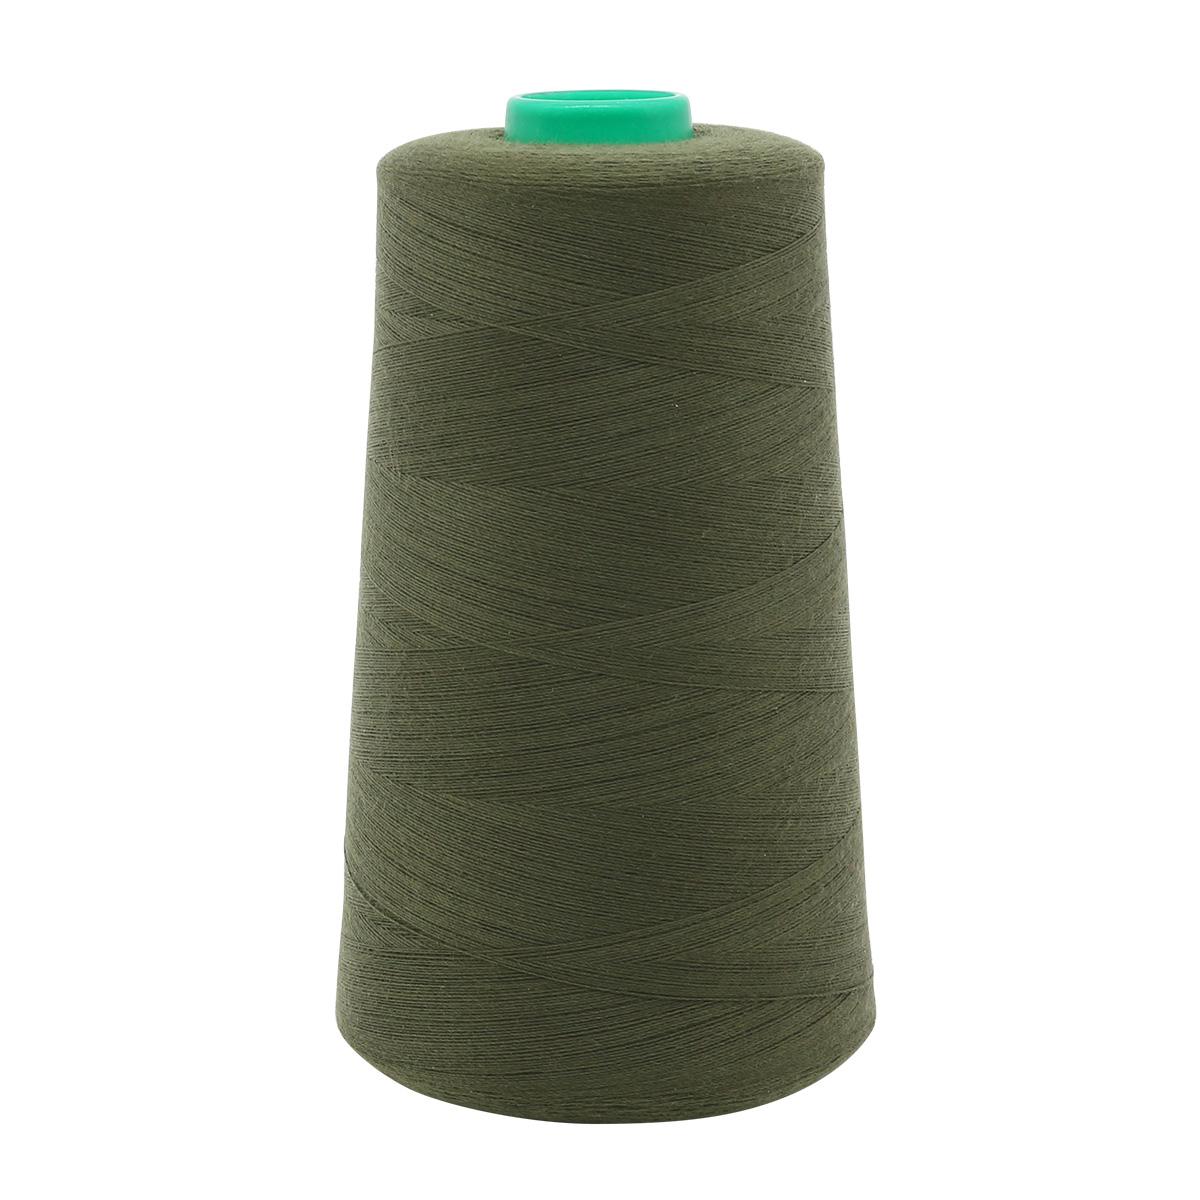 Универсальная швейная нить, 50/2, 5000 ярд, 100% пэ, Bestex